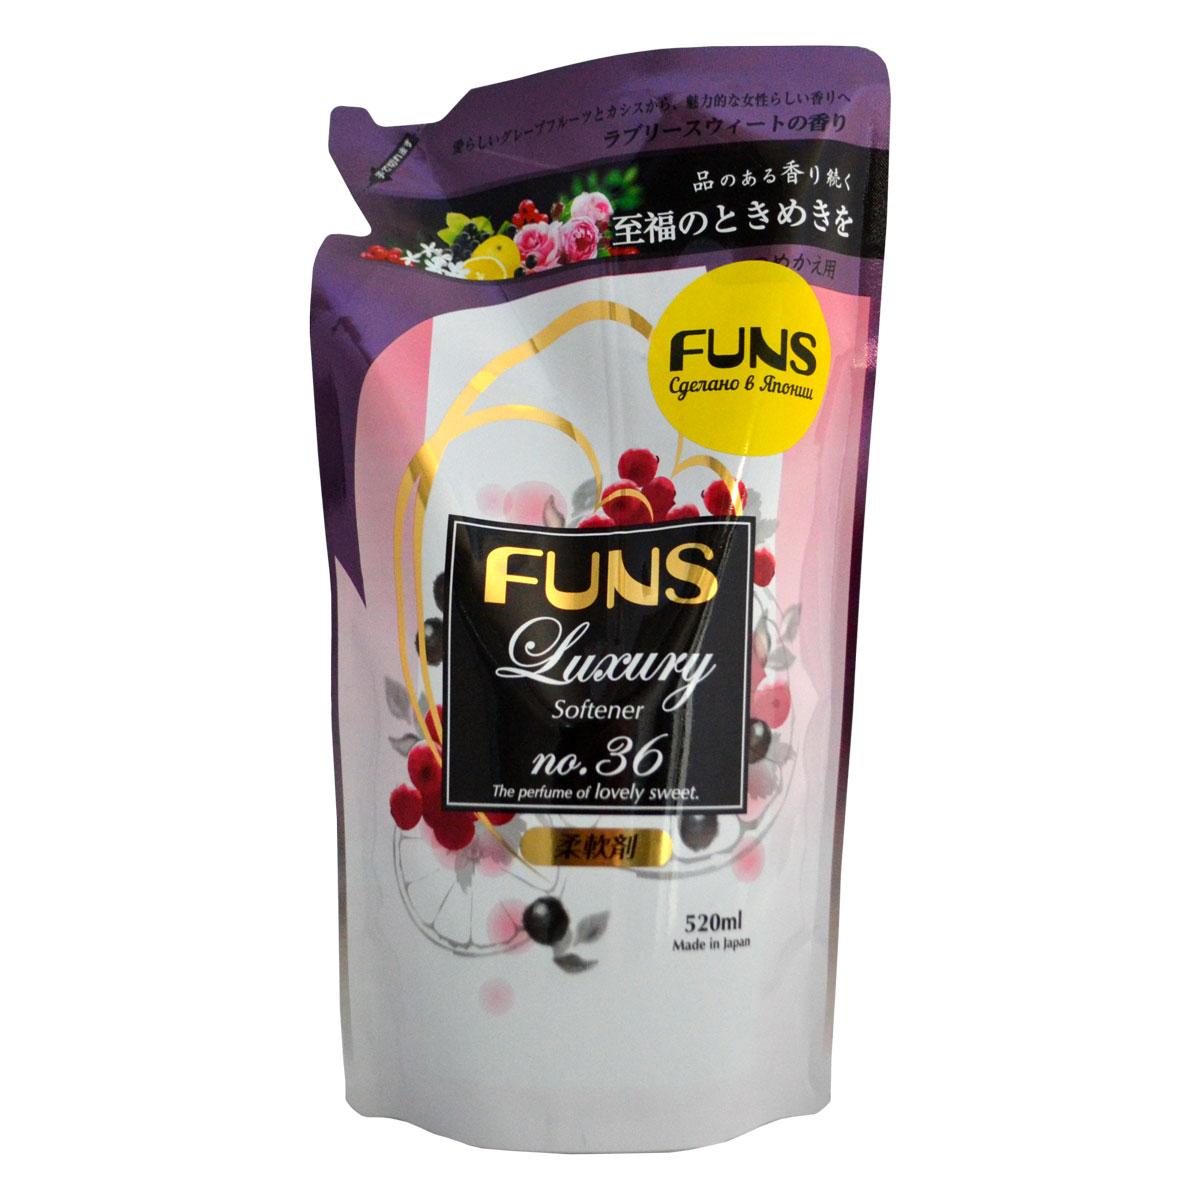 Кондиционер парфюмированный для белья Funs, с ароматом грейпфрута и черной смородины, 520 мл10292Парфюмированный средство Funs - сильноконцентрированный кондиционер для белья, который придаст вашимвещам мягкость и сделает их приятными наощупь.Подходит для хлопчатобумажных, шерстяных, льняных исинтетических тканей, а также любых деликатных тканей (шелка и шерсти).Кондиционер предотвращаетпоявление статического электричества, а также облегчает глажку белья.Обладает приятным ароматом,который сохраняется на долгое время, даже после сушки белья.Благодаря противомикробному идезодорирующему действию кондиционер устраняет бактерии, способствующие появлению неприятного запаха. Кондиционер безопасен при контакте с кожей человека, не сушит и не раздражает кожу рук во время стирки. Подходит как для ручной, так и машинной стирки. Способ применения: Применяйте кондиционер только после стирки белья при полоскании чистой водой. На 1кг одежды используйте 7 мл средства.При ручной стирке рекомендуется полоскать в течение 3 минут.